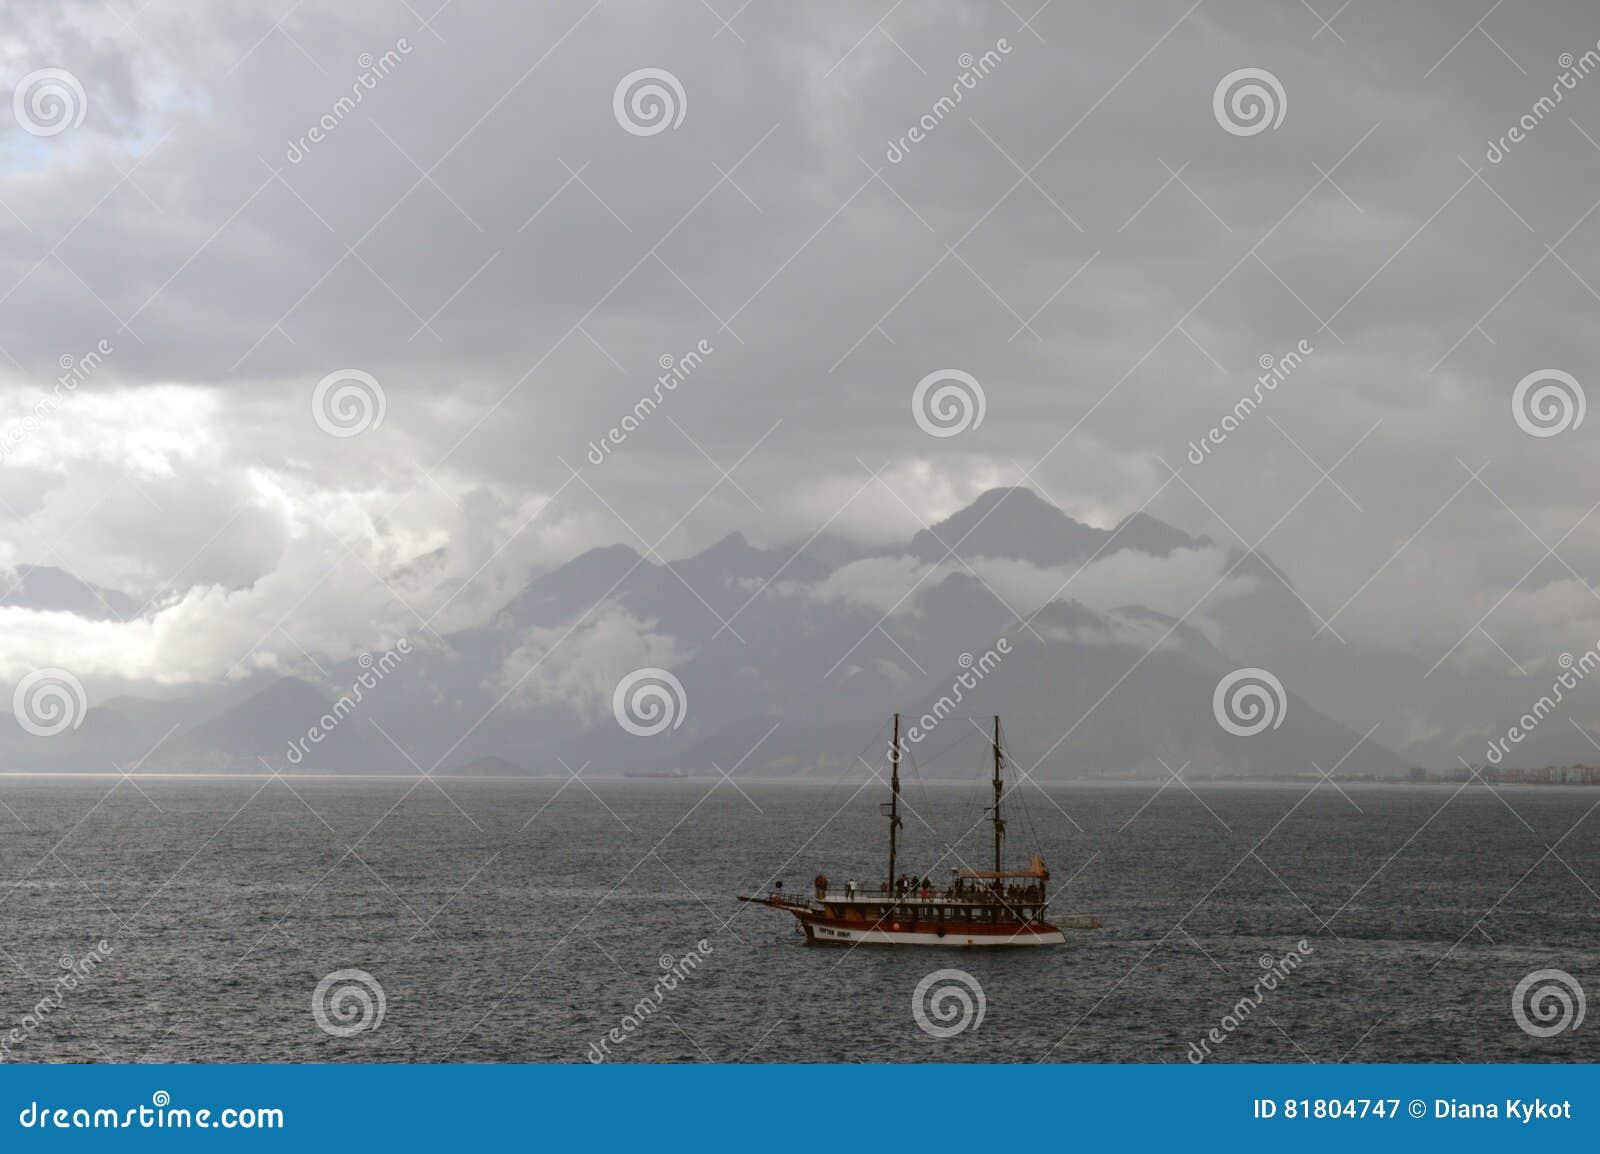 Корабль на море в ненастной погоде